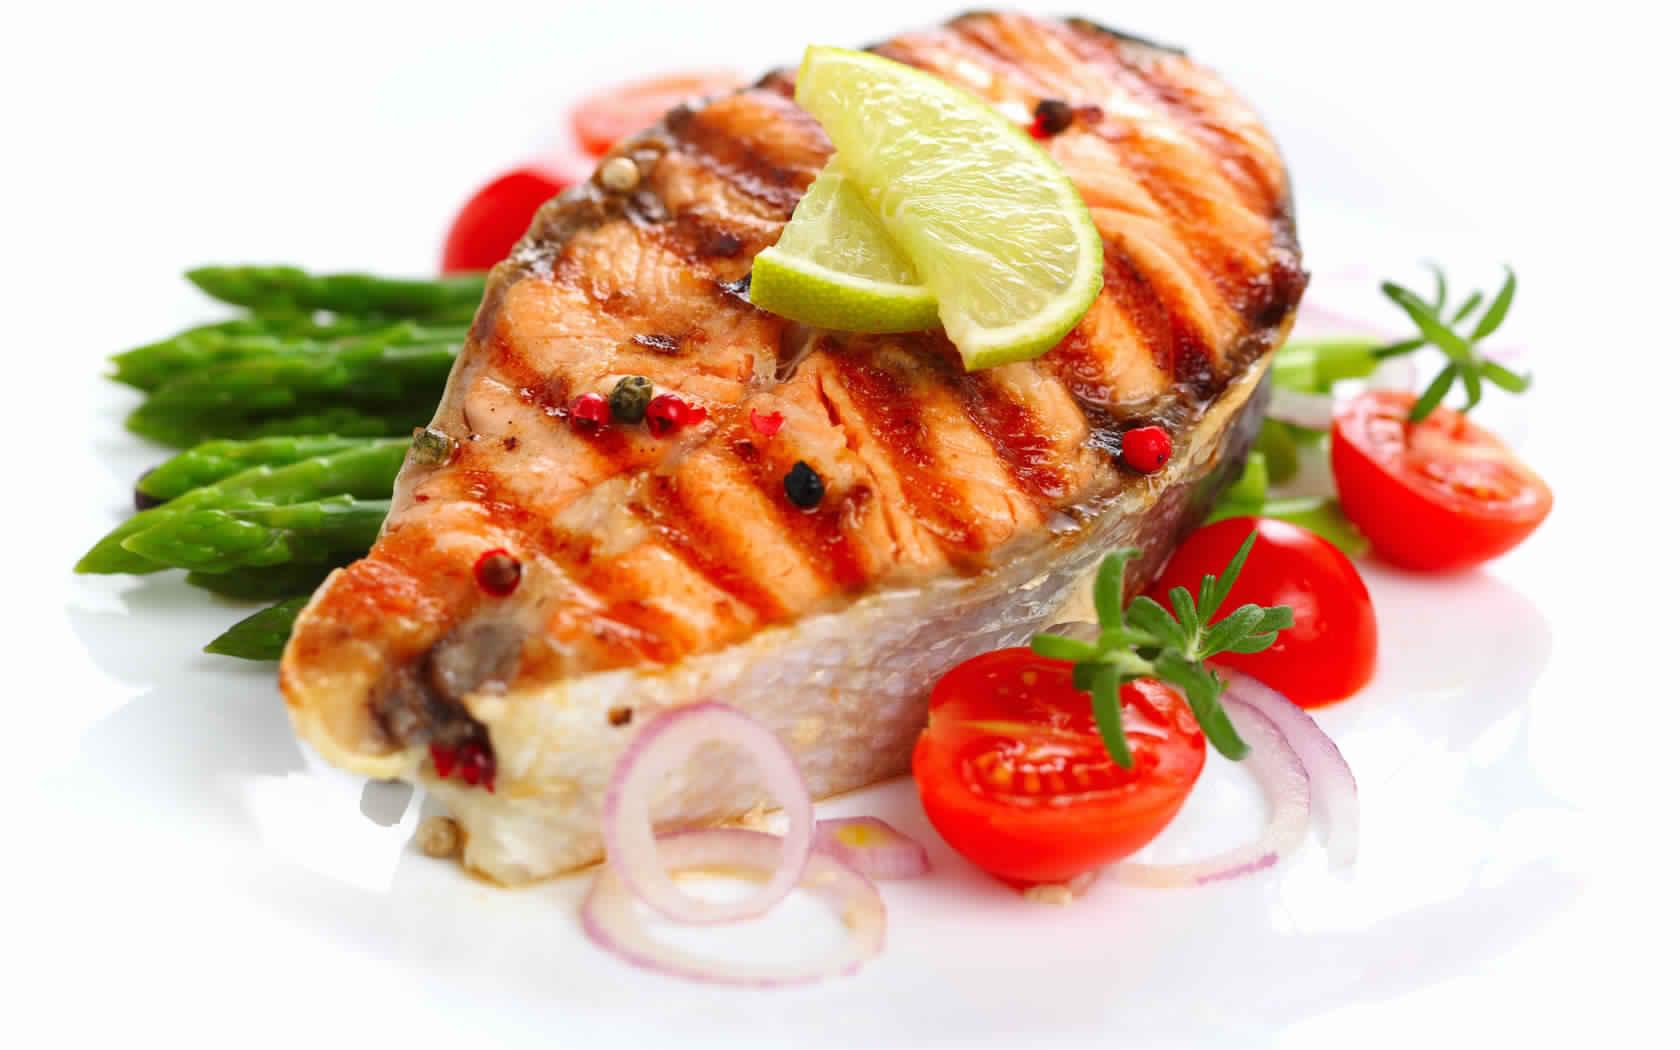 بالصور فوائد السمك , اهم فوائد اكل السمك 4025 2